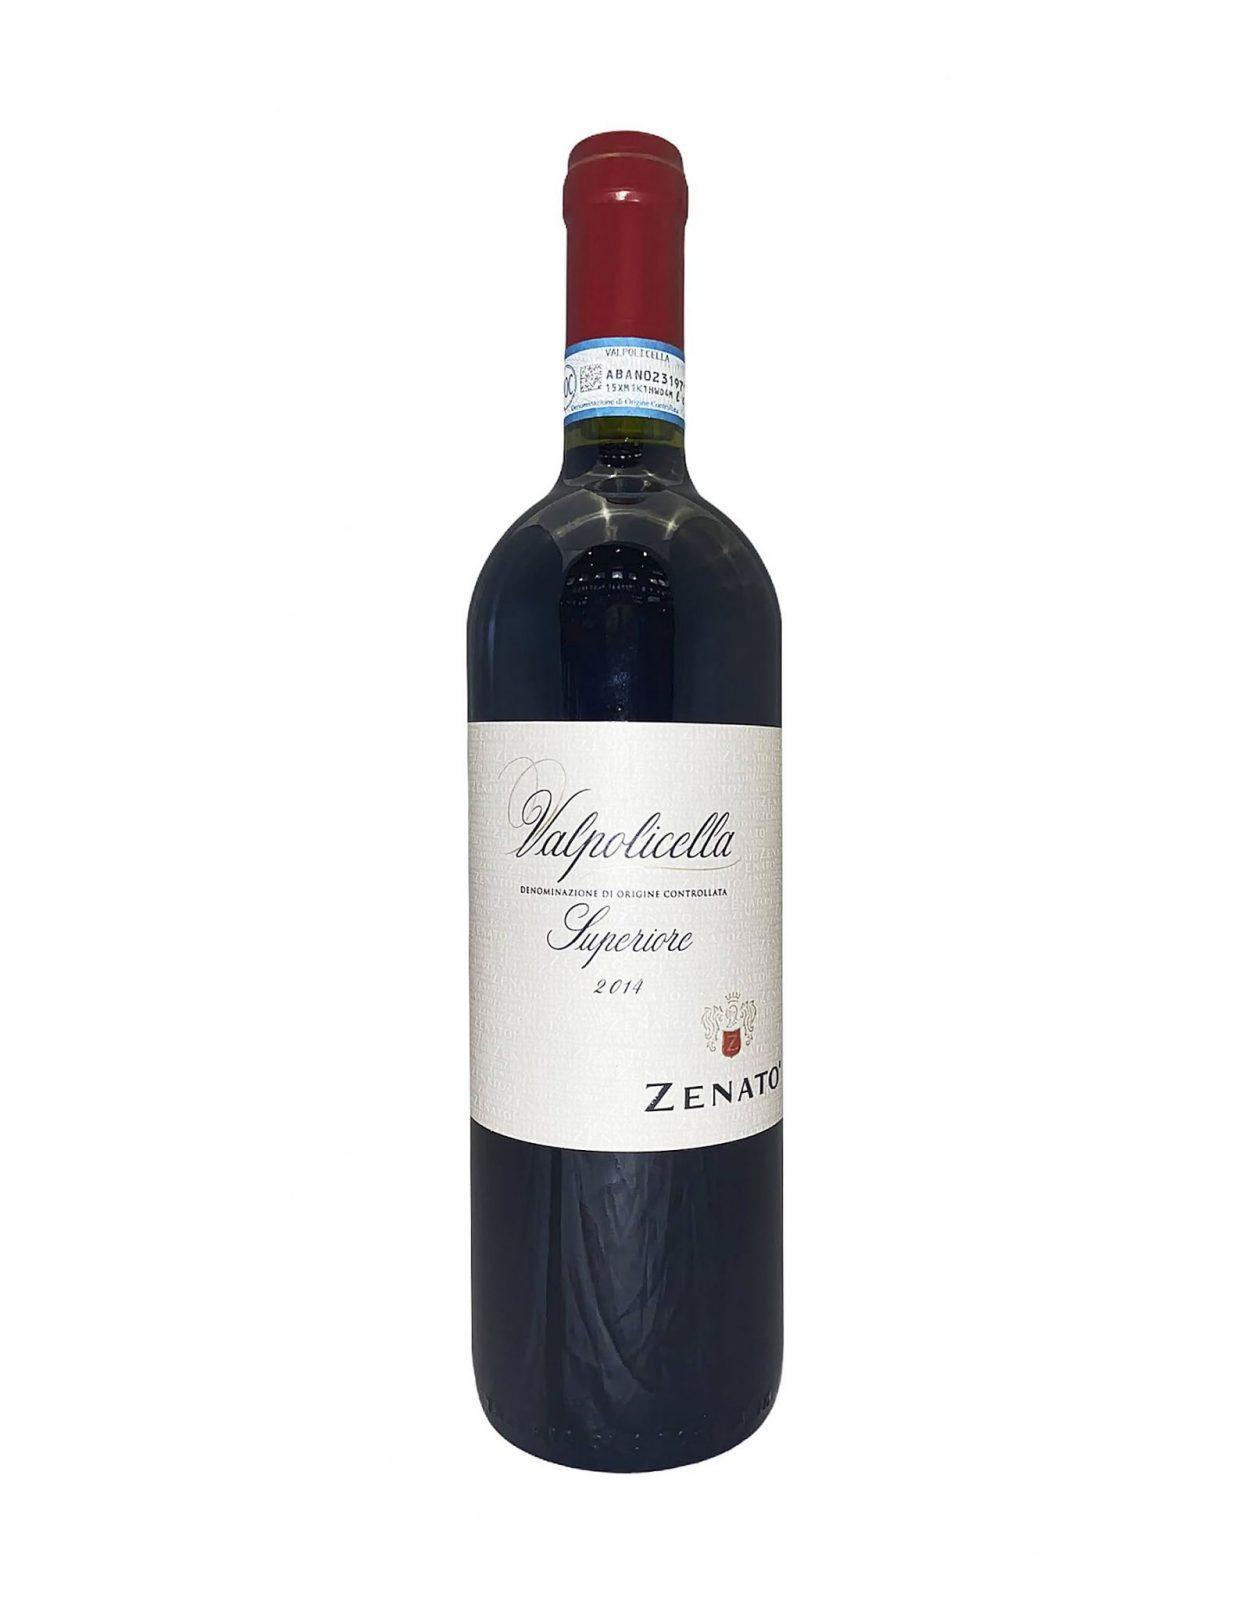 Zenato – Valpolicella Superiore 2014, Taliansko červené víno, vinotéka Sunny wines Slnečnice Bratislava Petržalka, rozvoz vín